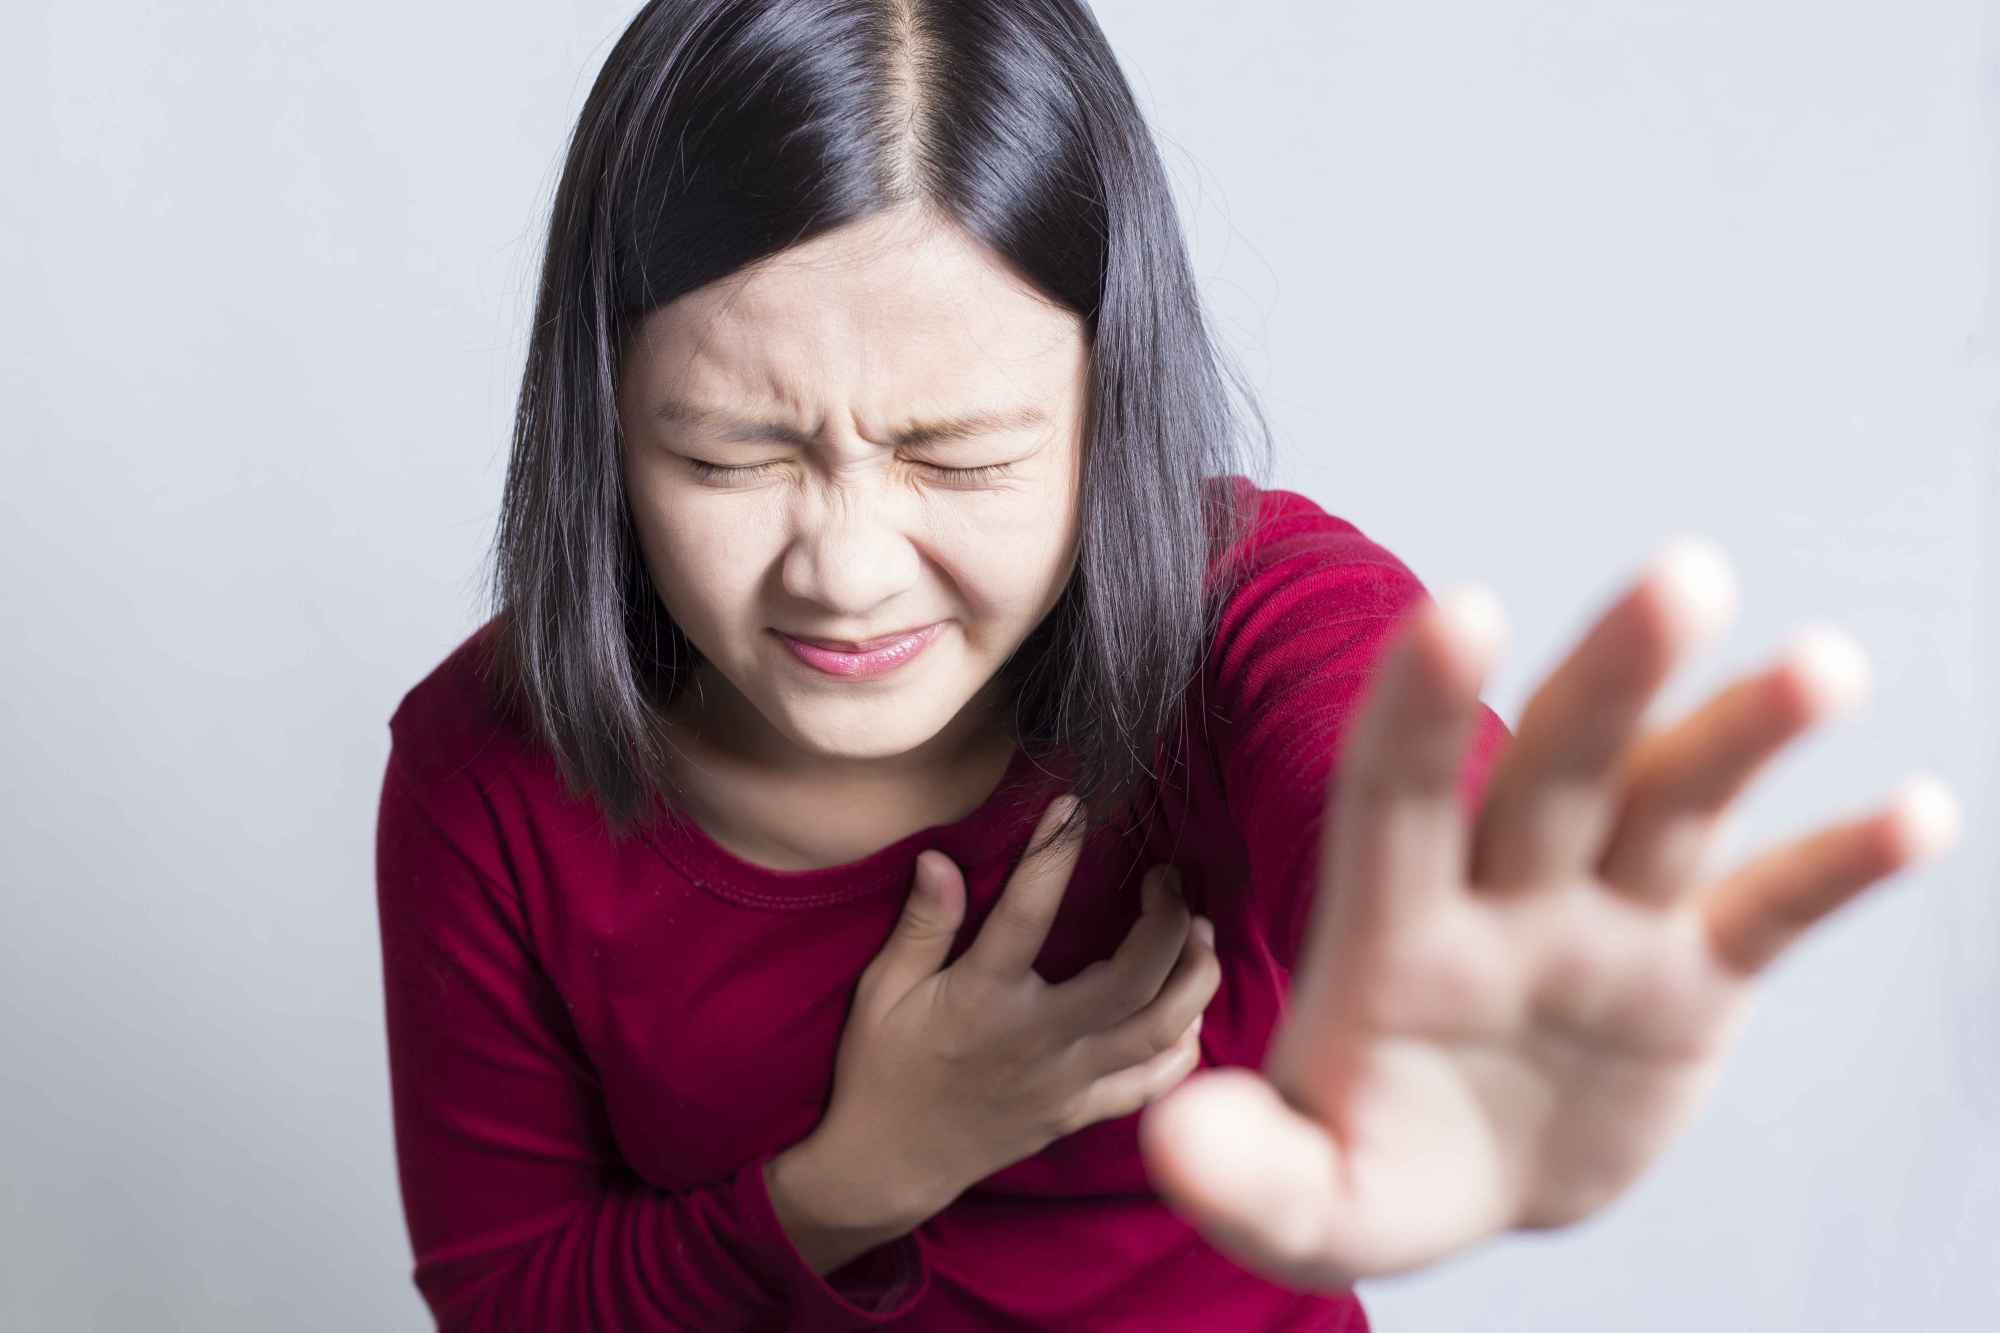 心率超过这个数,提前预防心脏病,一法得知自己心率